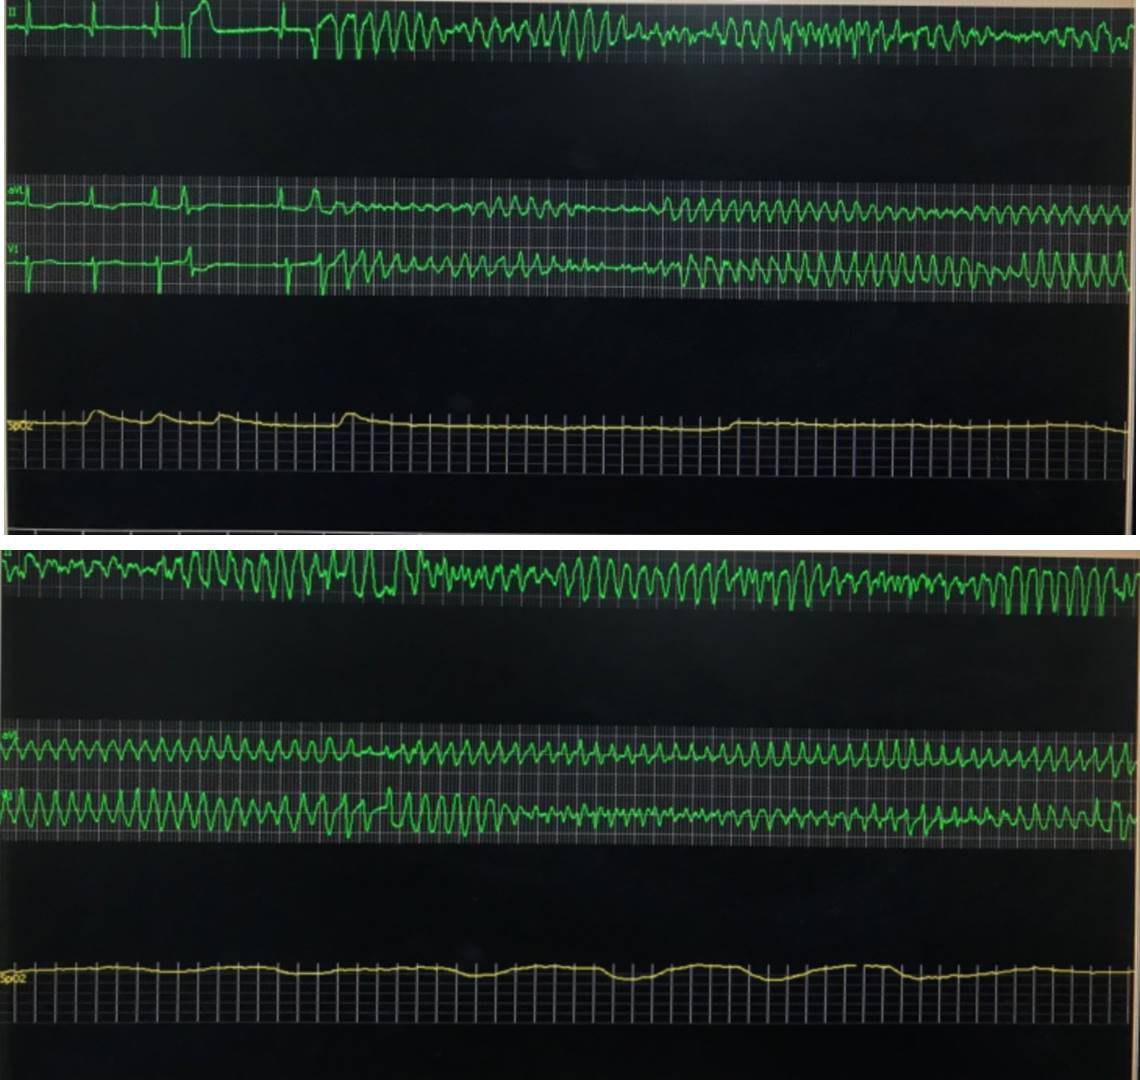 Masculino de 74 años con antecedente de cirugía de by pass con puente venoso aorto coronario a la DA hace 10 años que presenta síncope por presentar TdP debido a obstrucción del puente venoso y de Cx